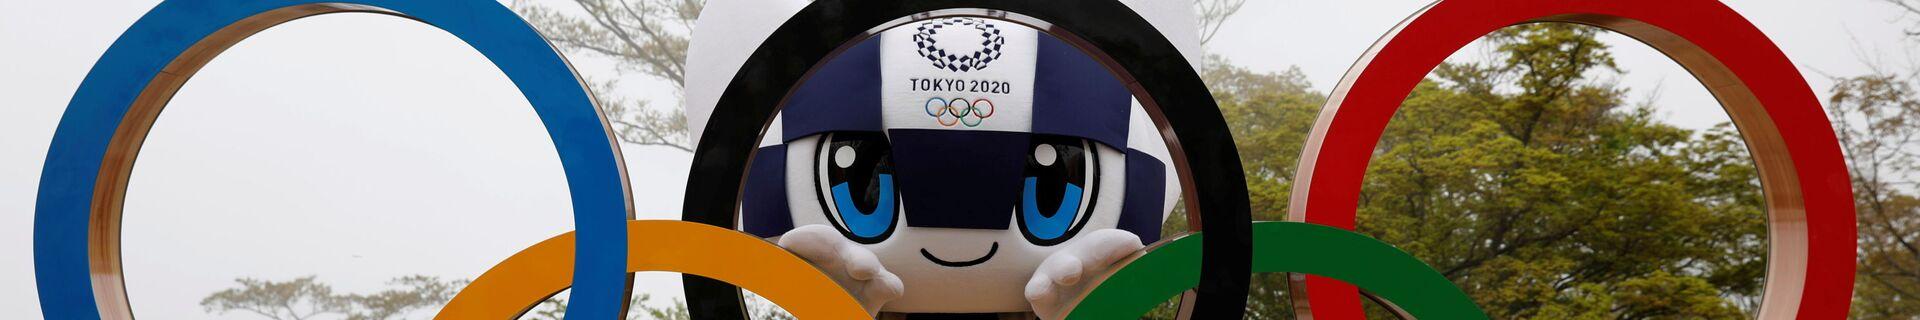 Maskotka Igrzysk Olimpijskich 2020 w Tokio Miraitowa - Sputnik Polska, 1920